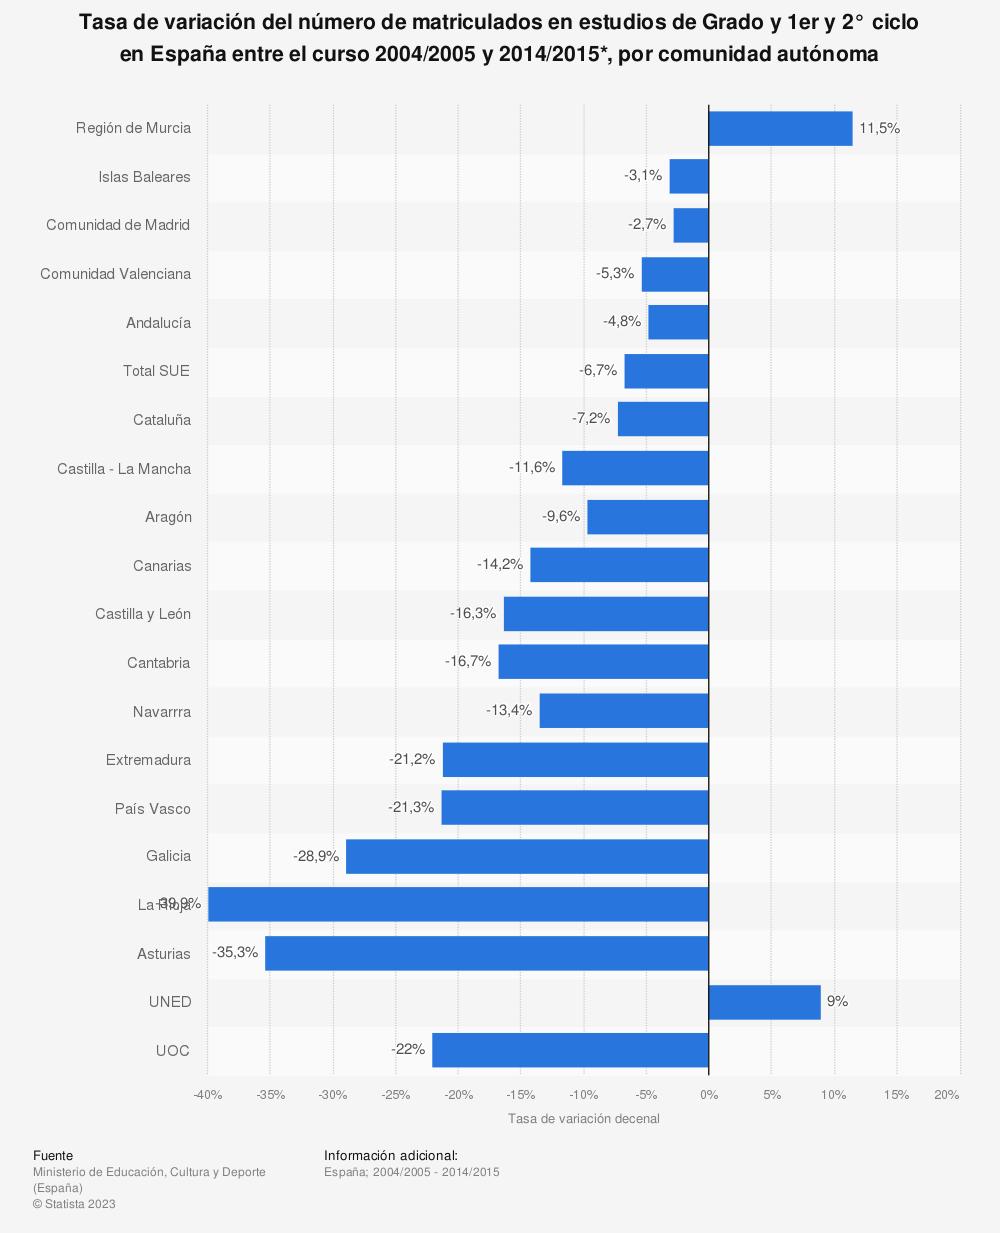 Estadística: Tasa de variación del número de matriculados en estudios de Grado y 1er y 2° ciclo en España entre el curso 2004/2005 y 2014/2015*, por comunidad autónoma | Statista